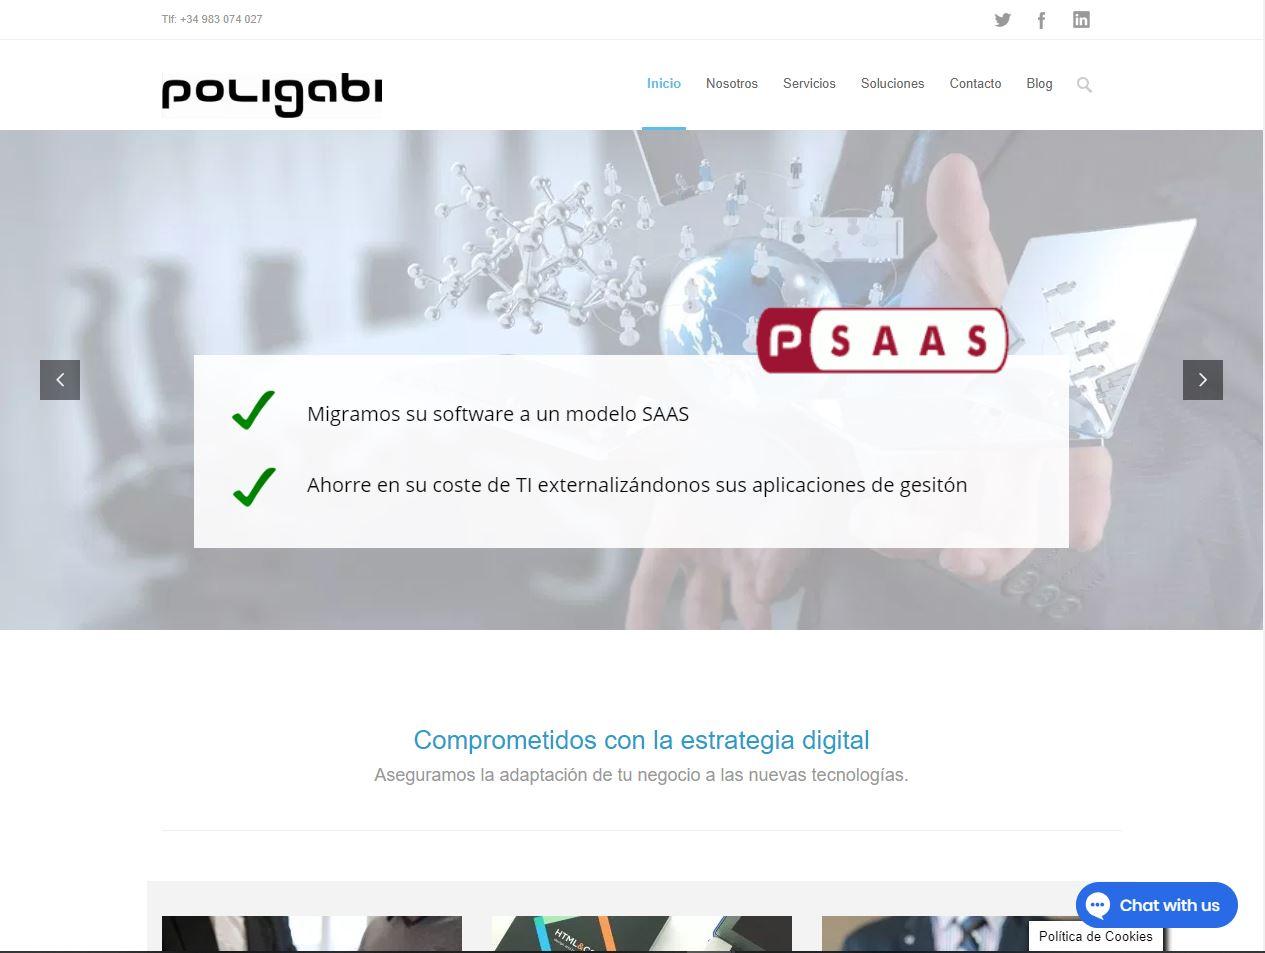 Poligabi